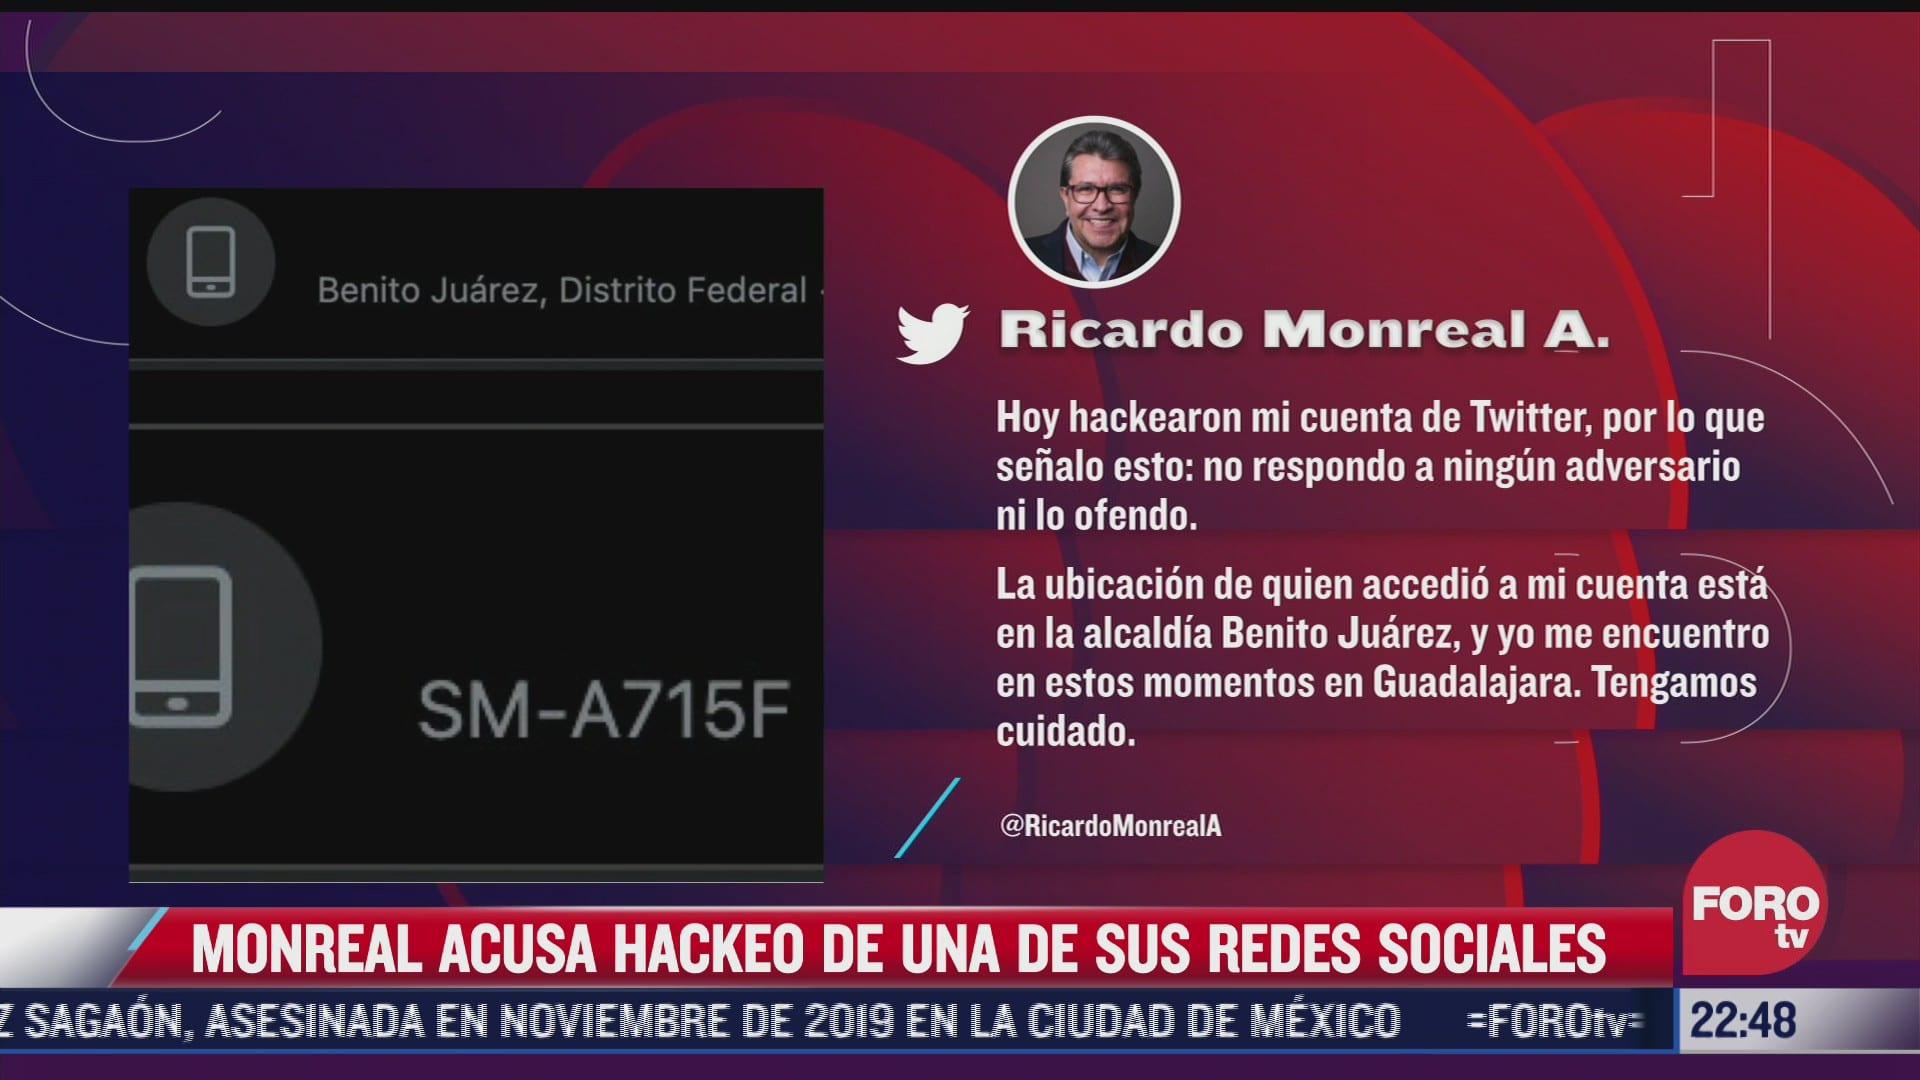 monreal acusa hackeo de una de sus redes sociales